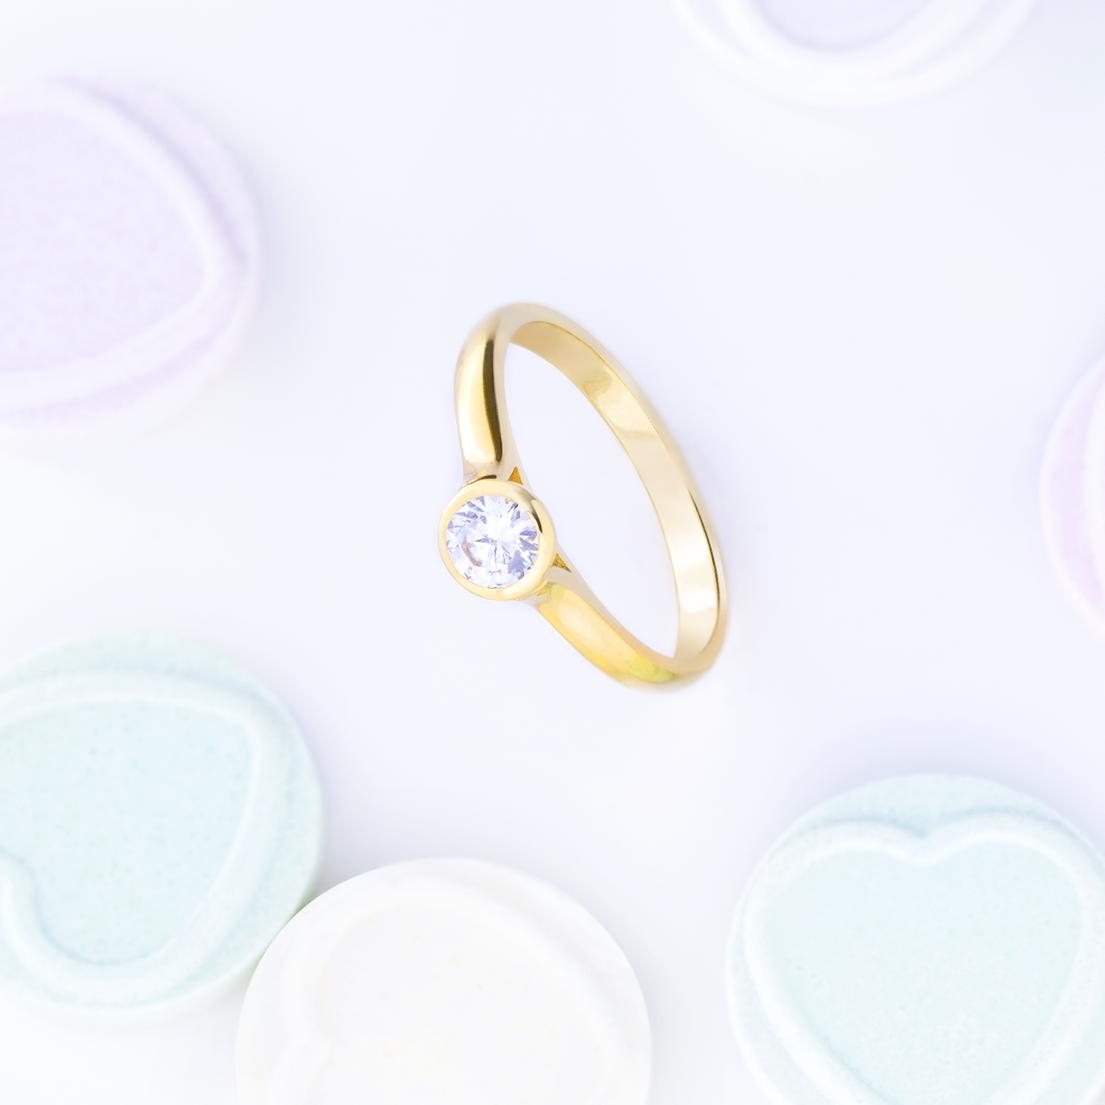 Anillo De Compromiso Oro Amarillo Con Diamante Stud Earrings Earrings Jewelry